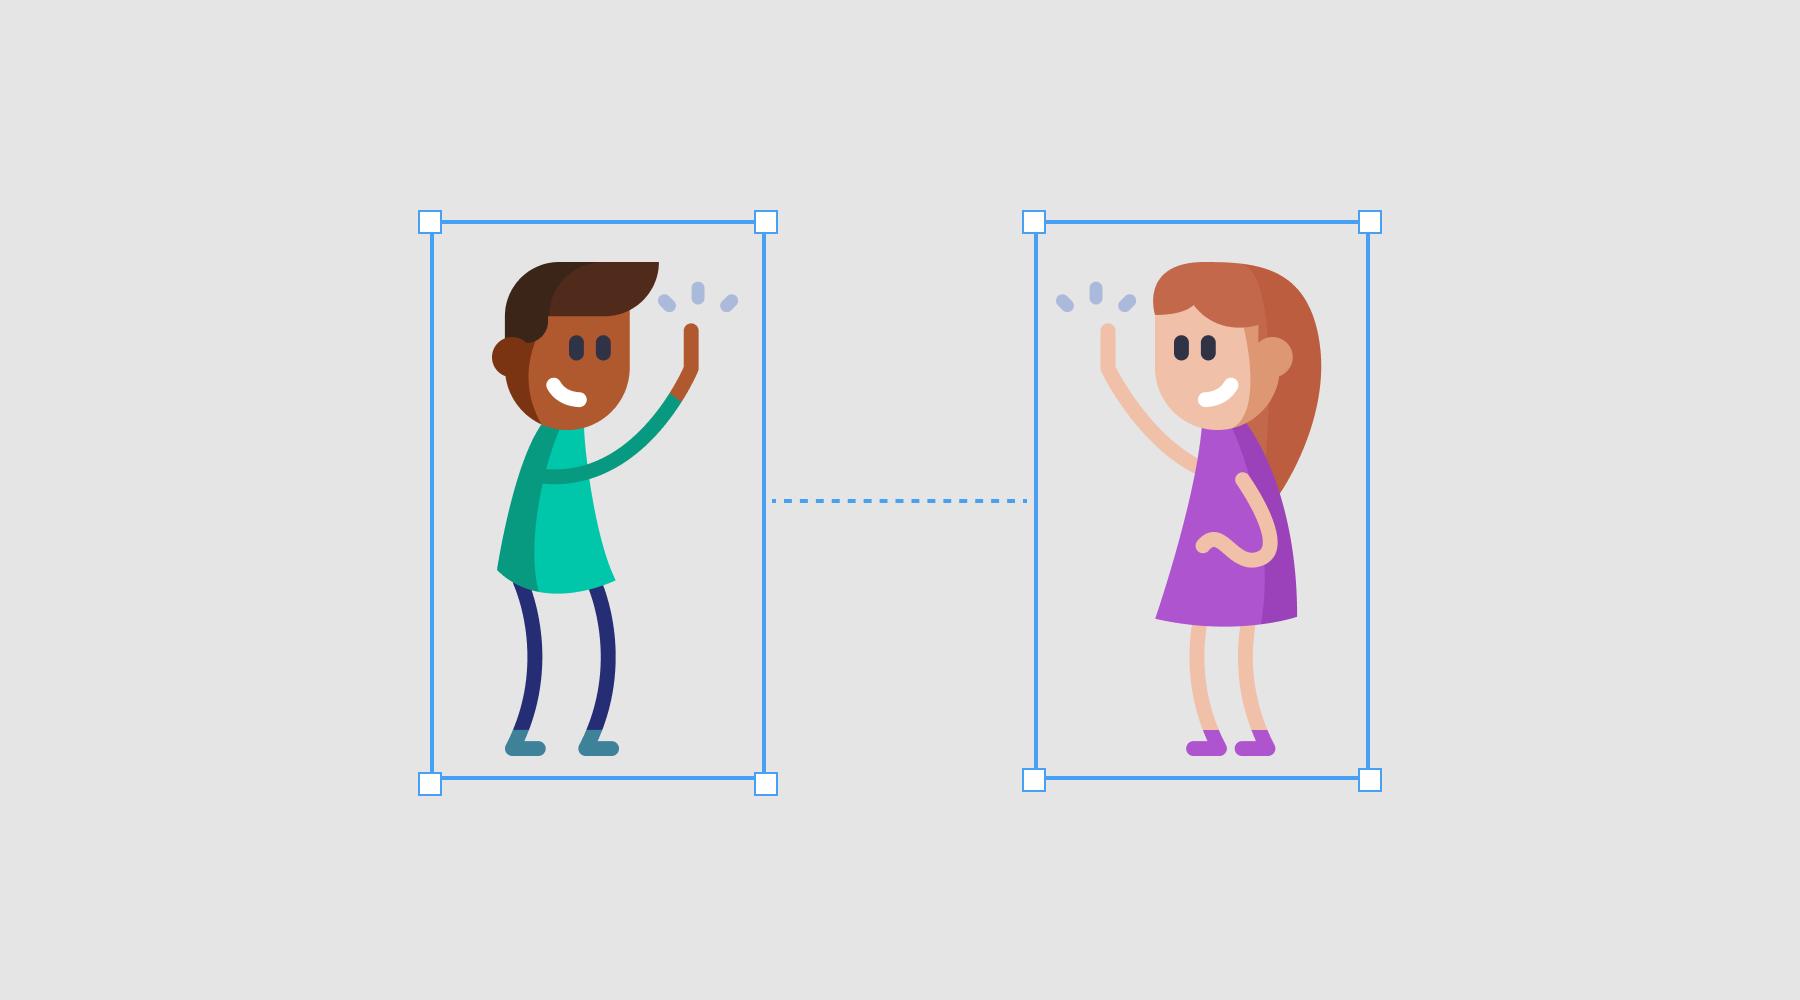 UI cheat sheet: Spacing friendships